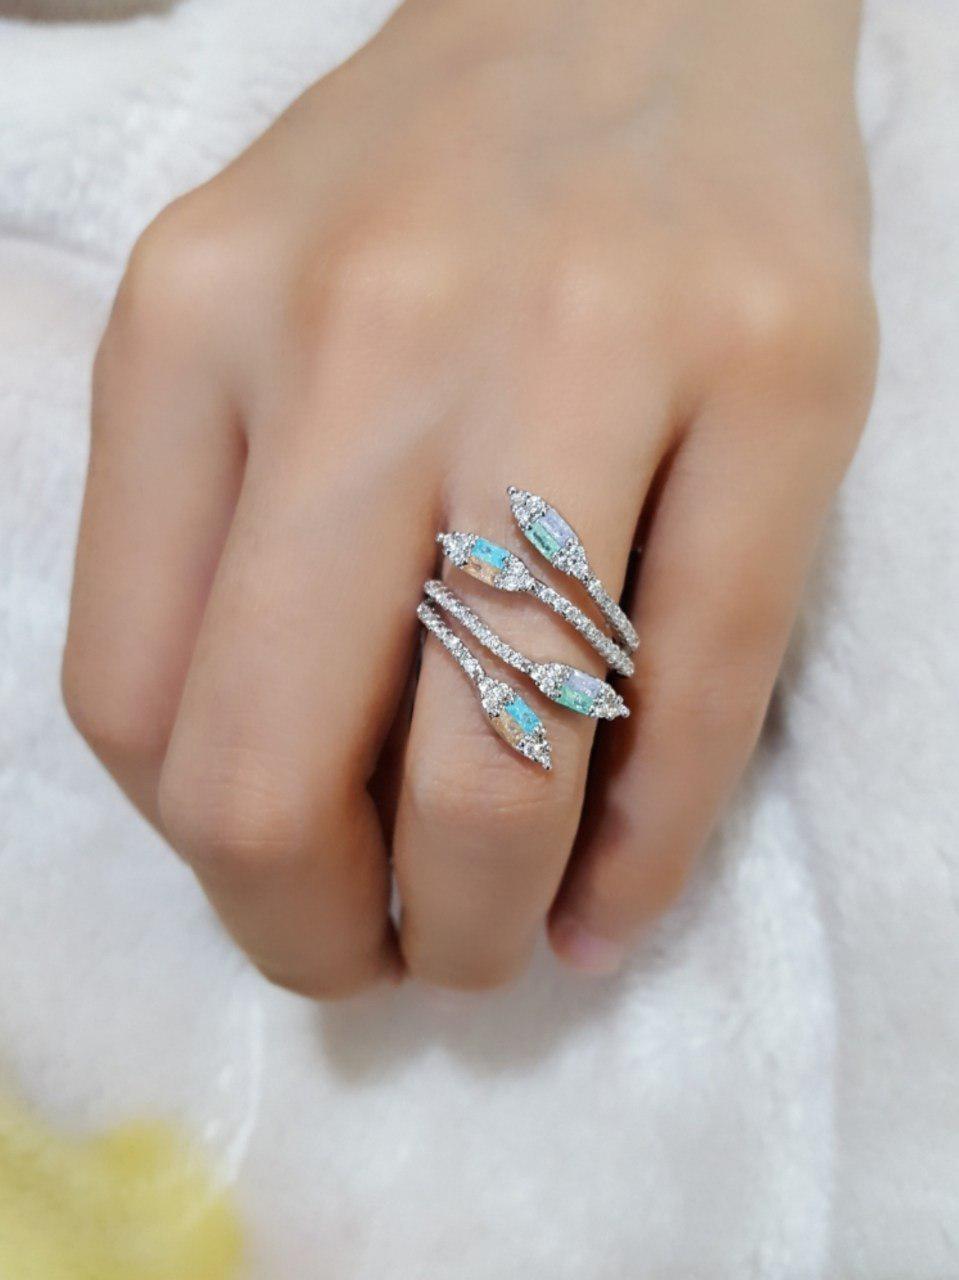 انگشتر دخترانه نقره ای کلیو با کریستالهای رنگارنگ سواروفسکی Rg-n170